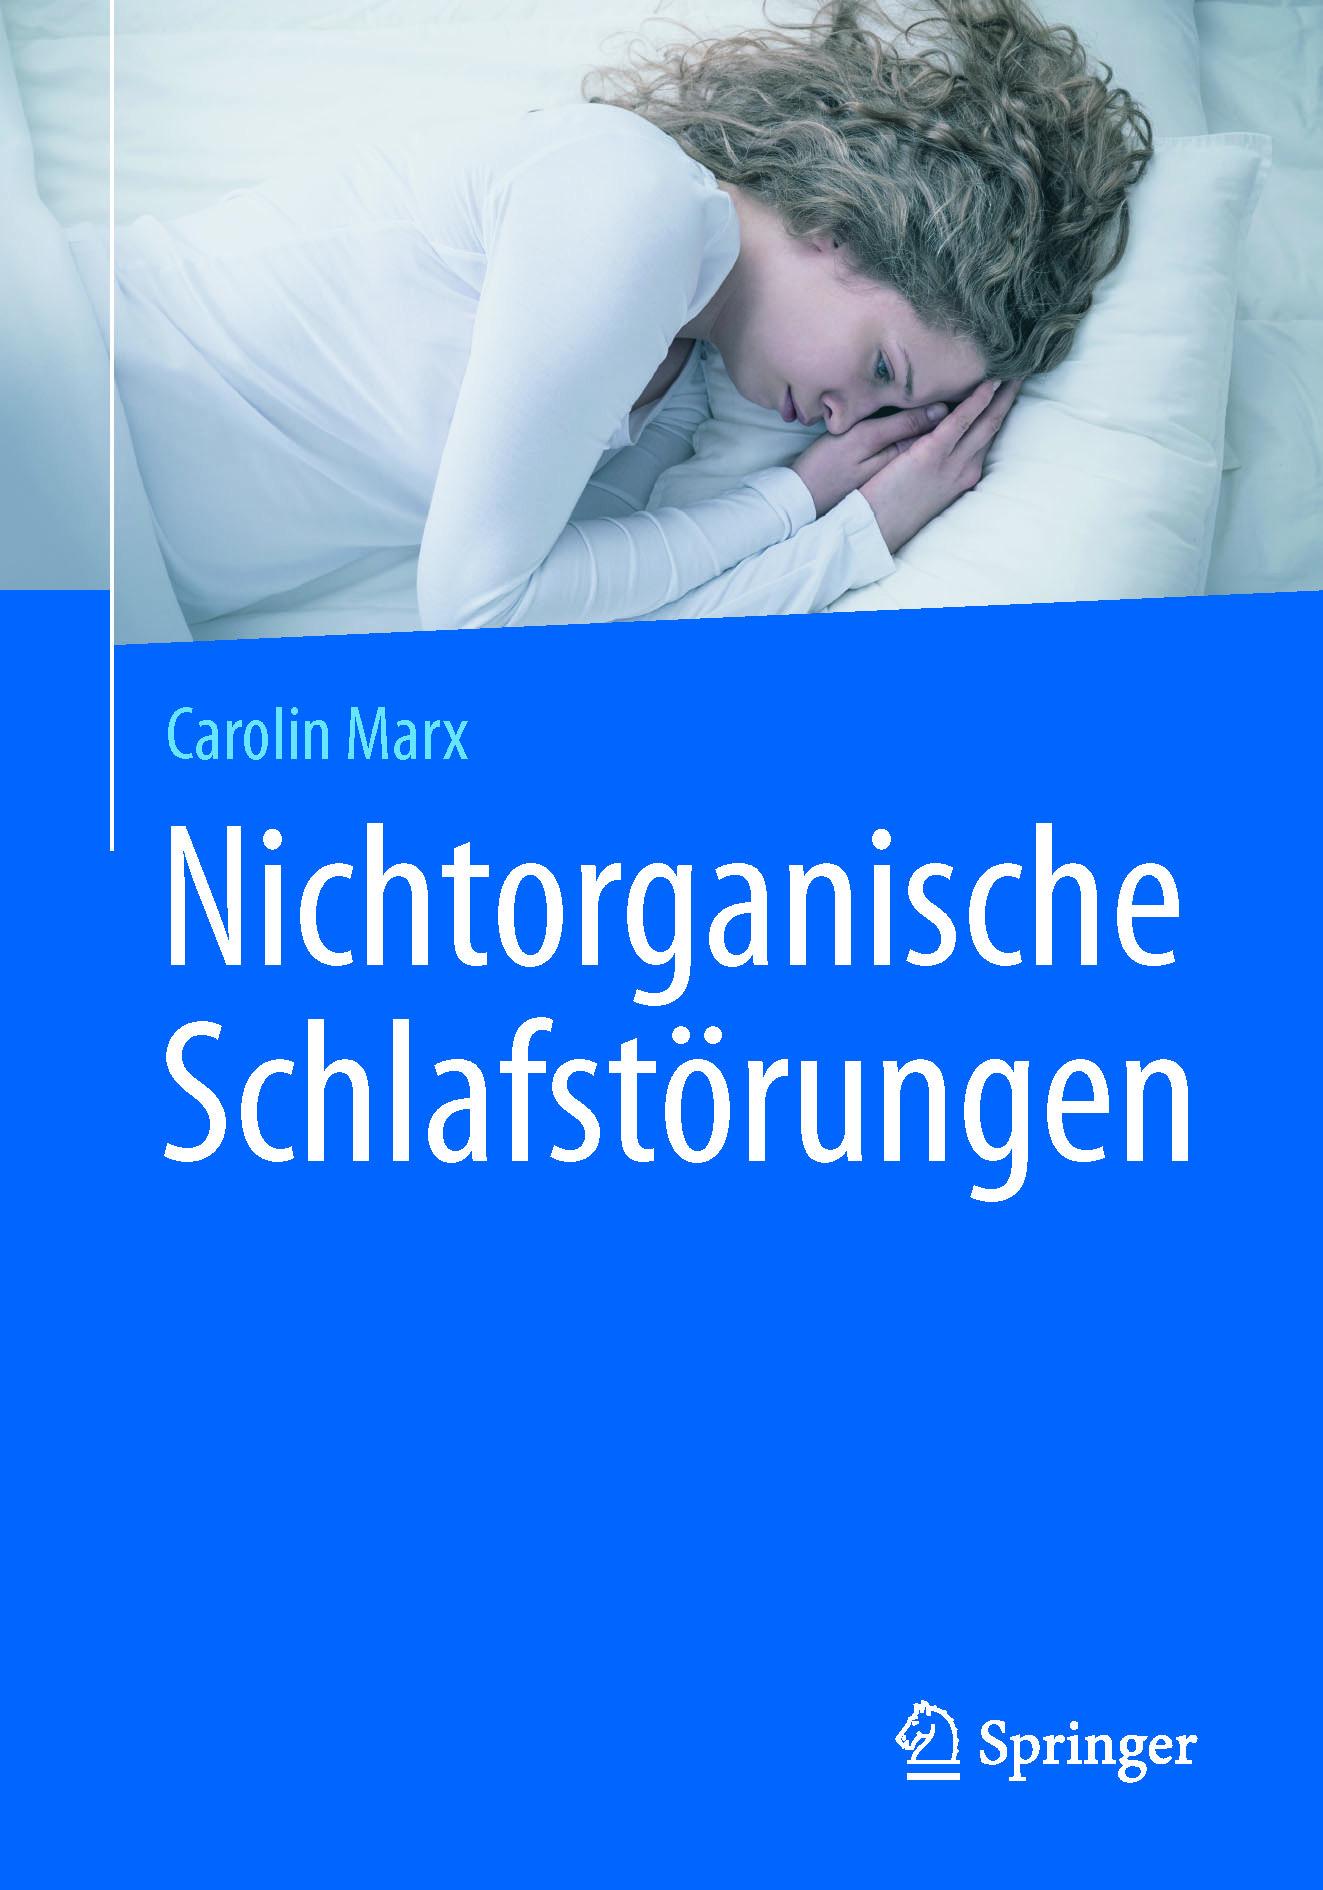 Marx, Carolin - Nichtorganische Schlafstörungen, ebook